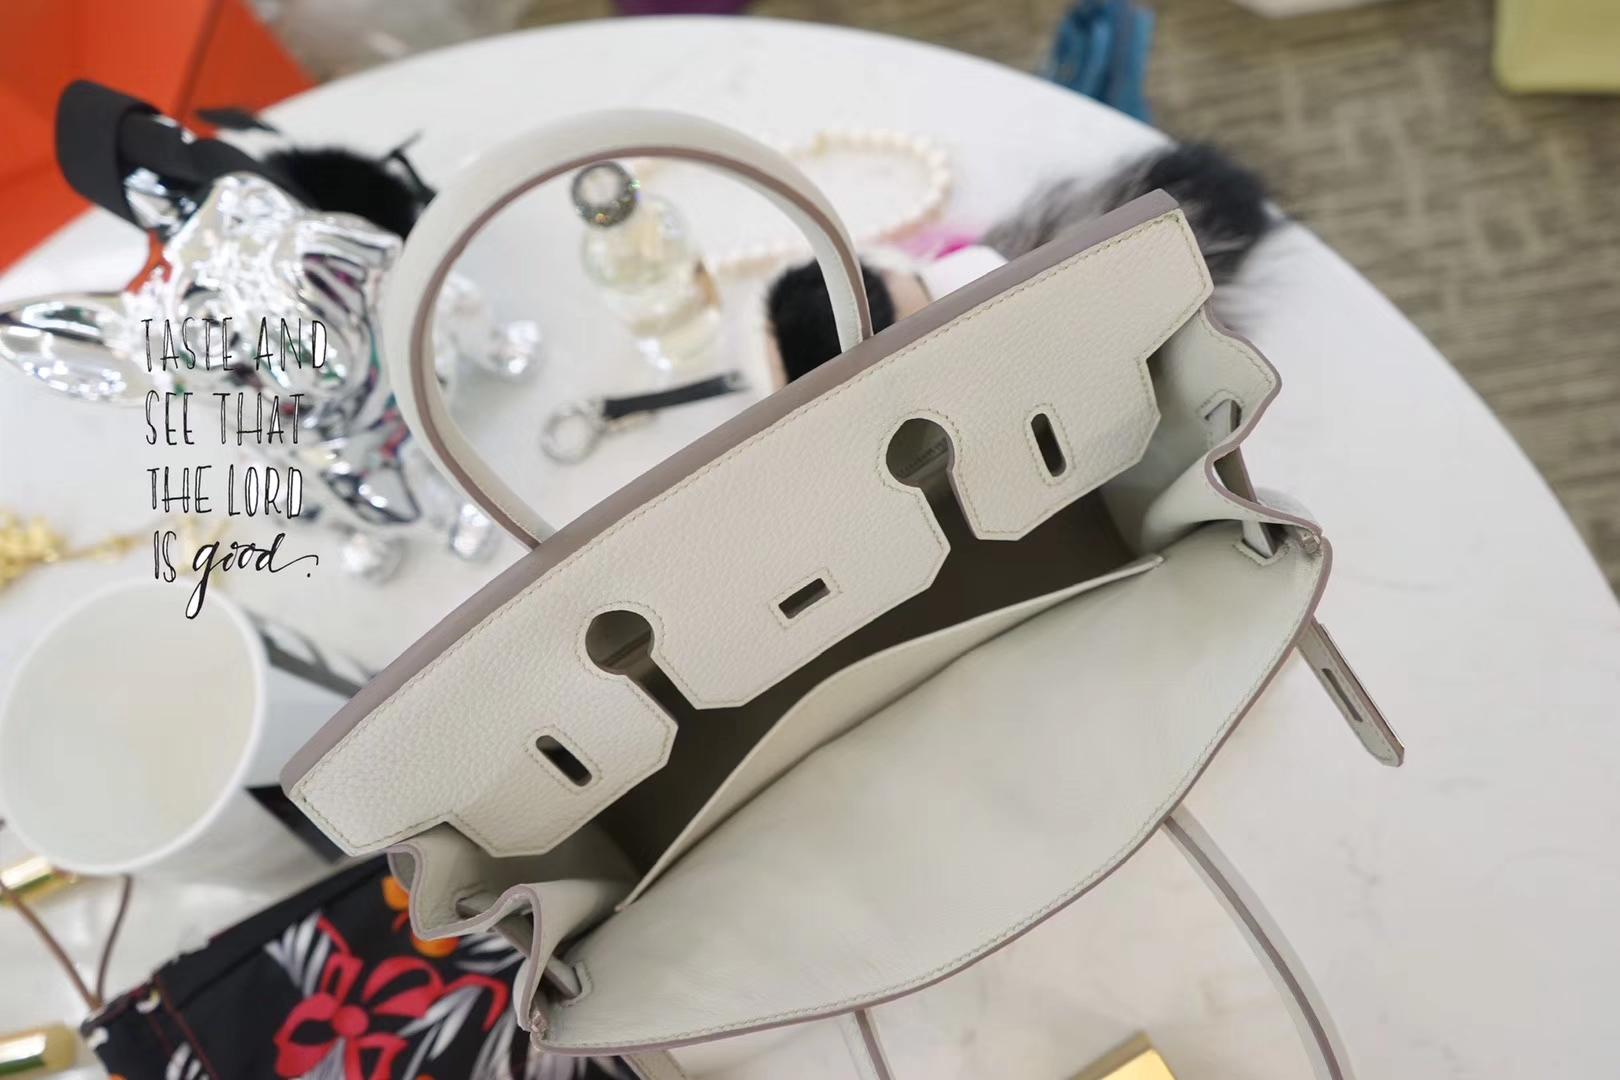 Hermès(爱马仕)Birkin 铂金包 珍珠灰  togo 银扣 30cm